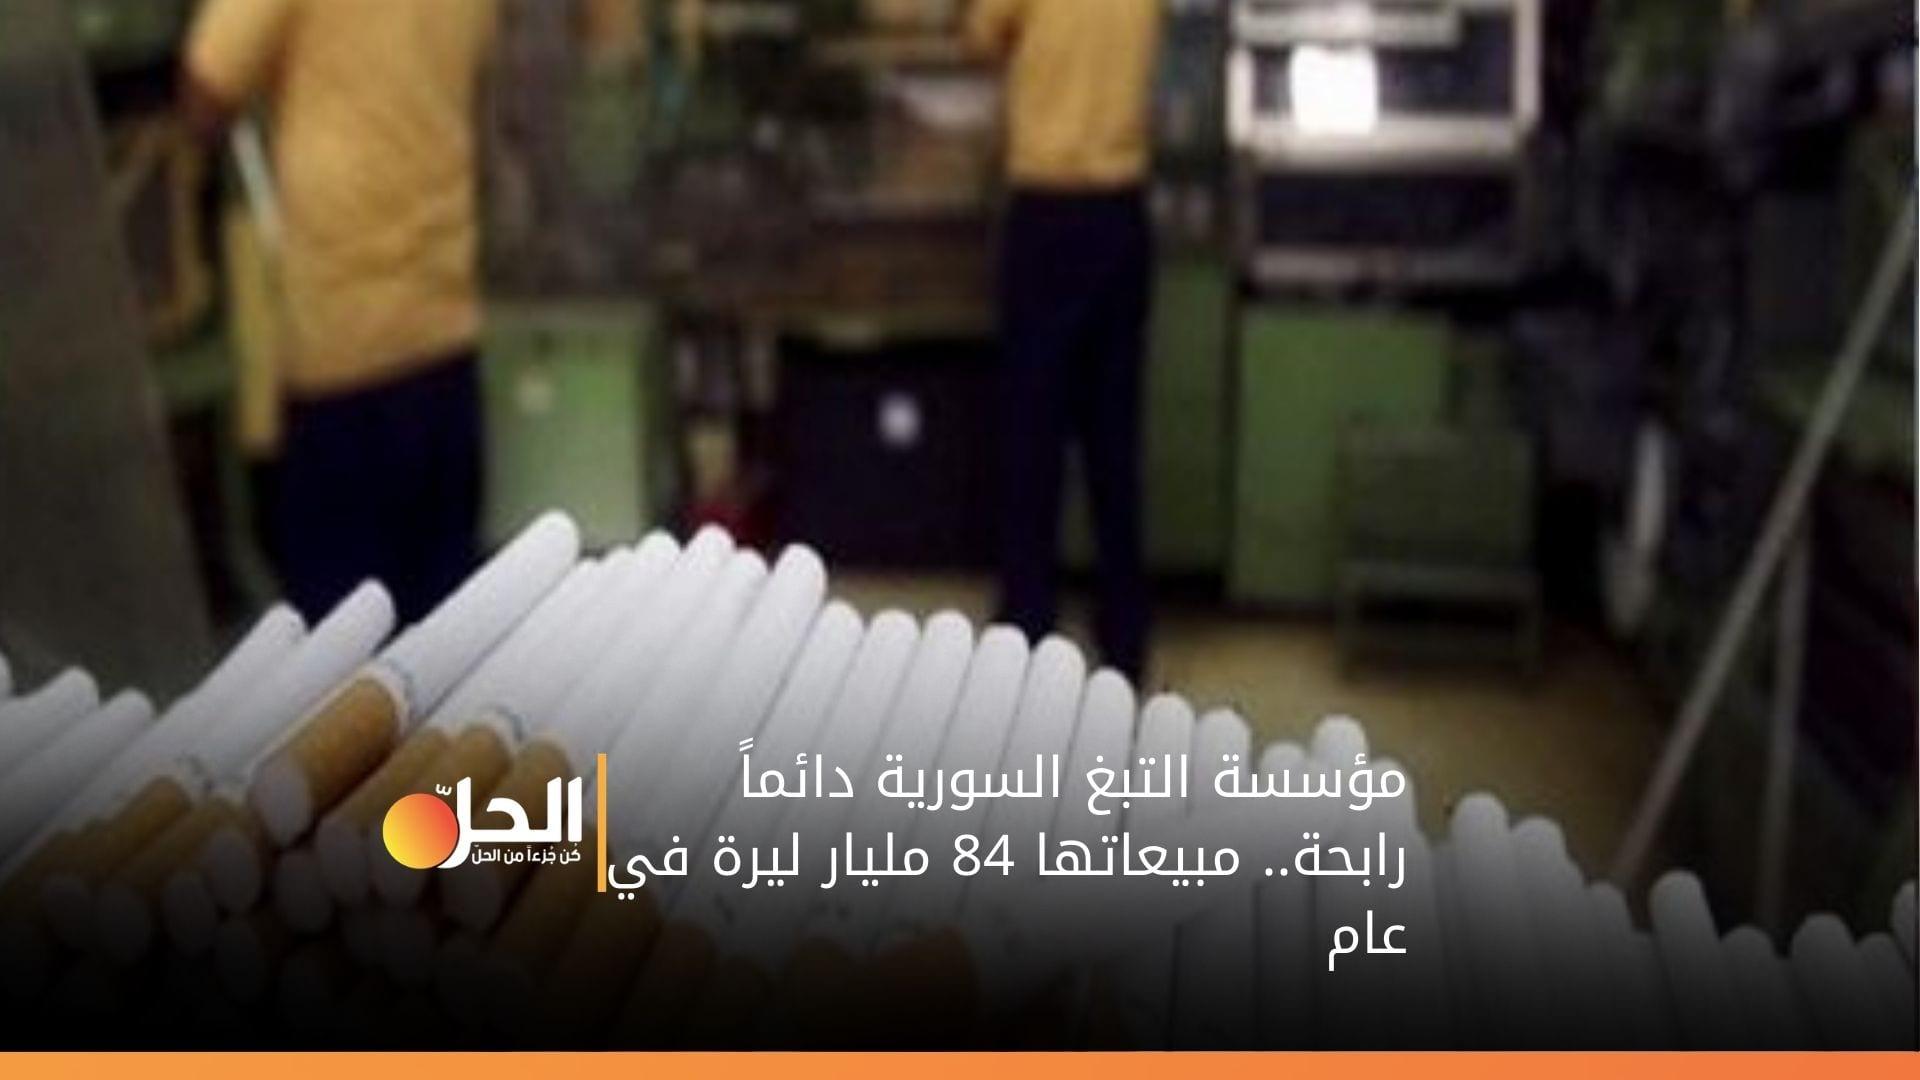 مؤسسة التبغ السورية دائماً رابحة.. مبيعاتها 84 مليار ليرة في عام